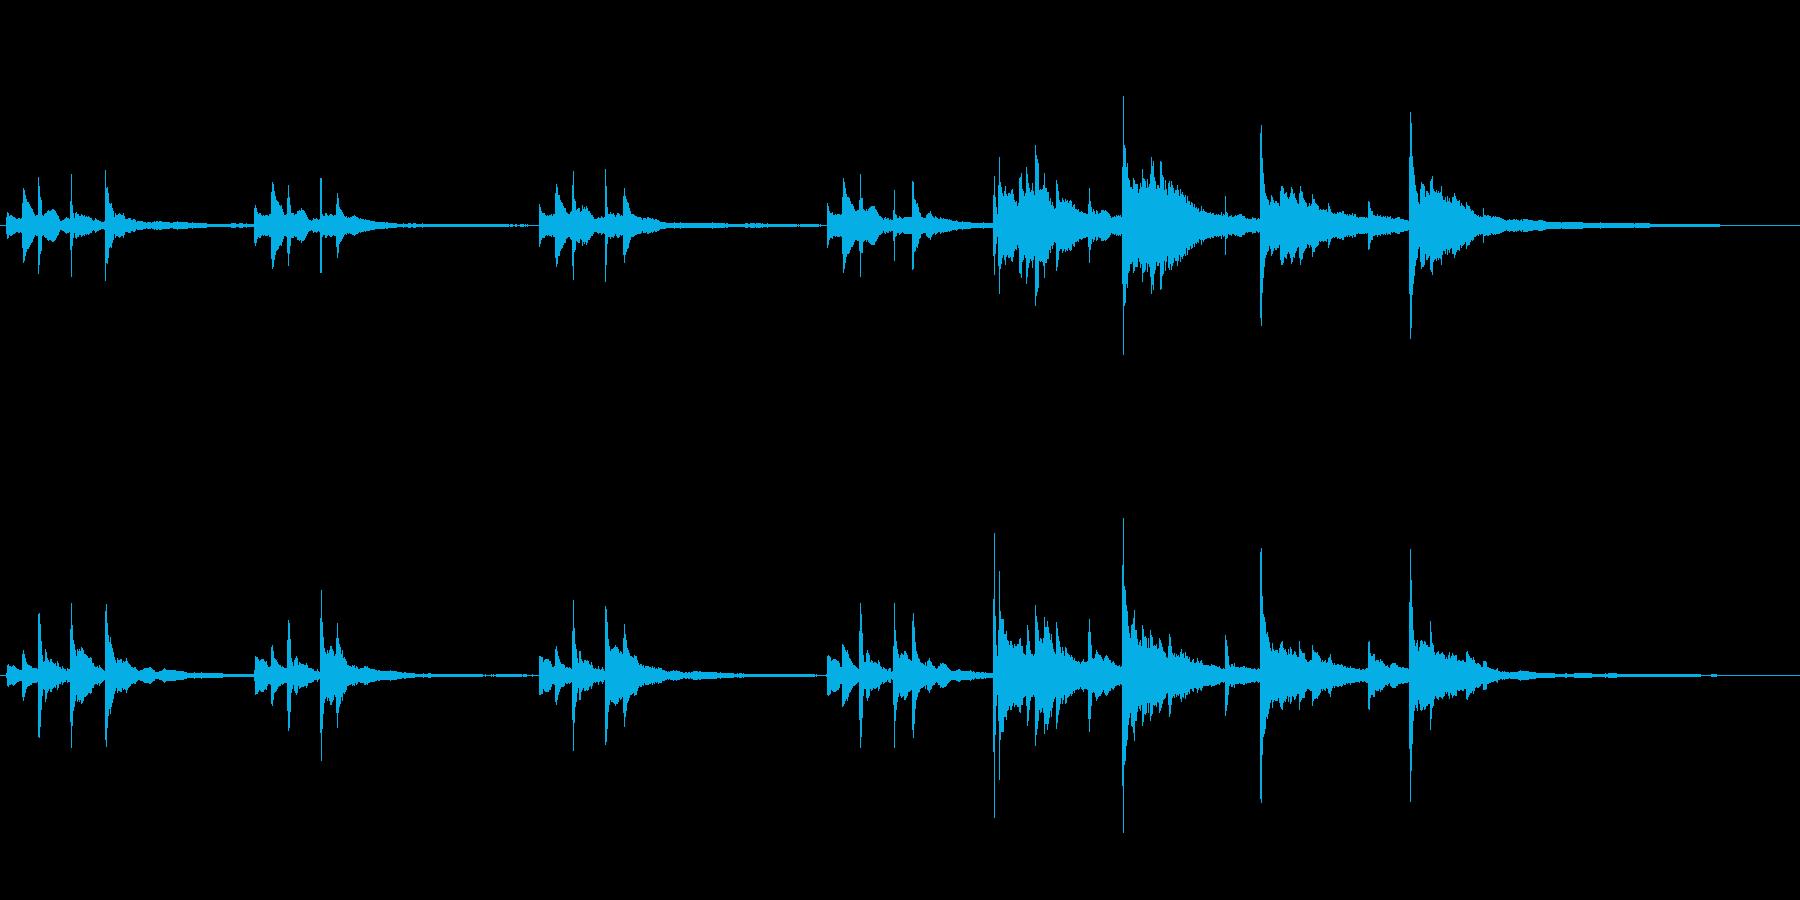 切ないピアノソロ(後半は強め)の再生済みの波形